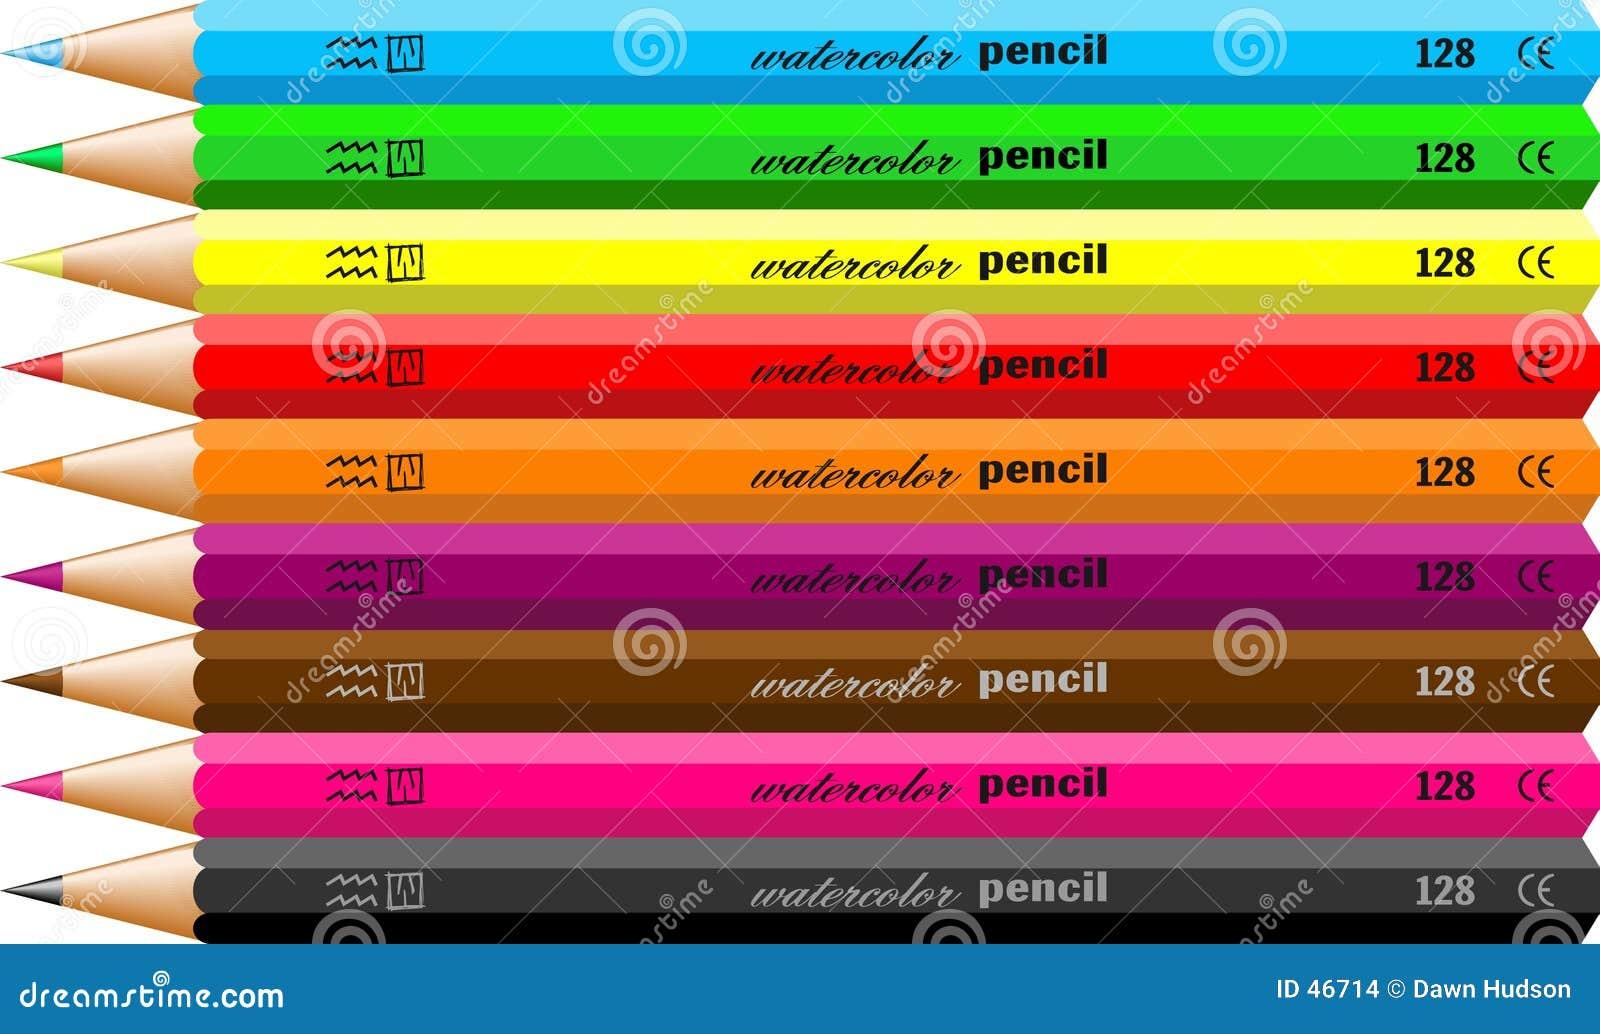 Ołówka watercolour